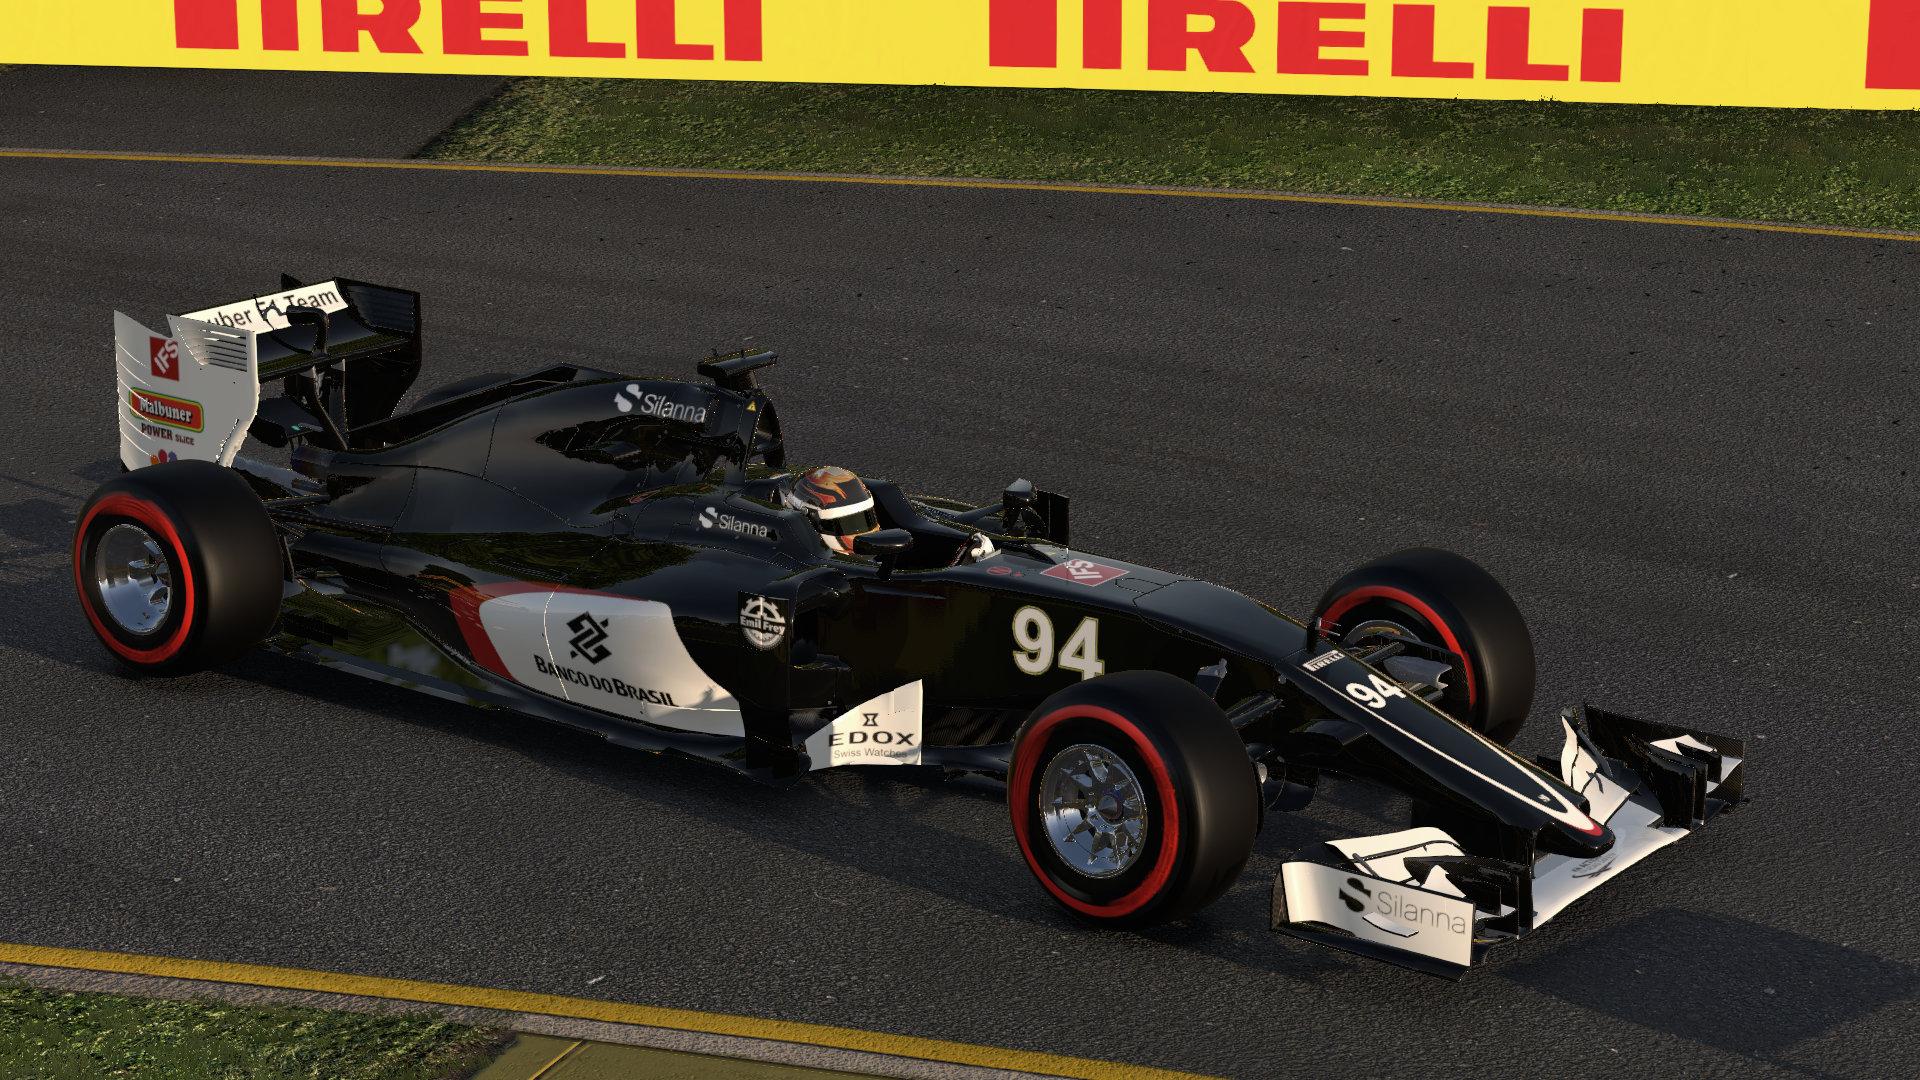 F1_2016 2017-01-30 17-04-31-65.jpg